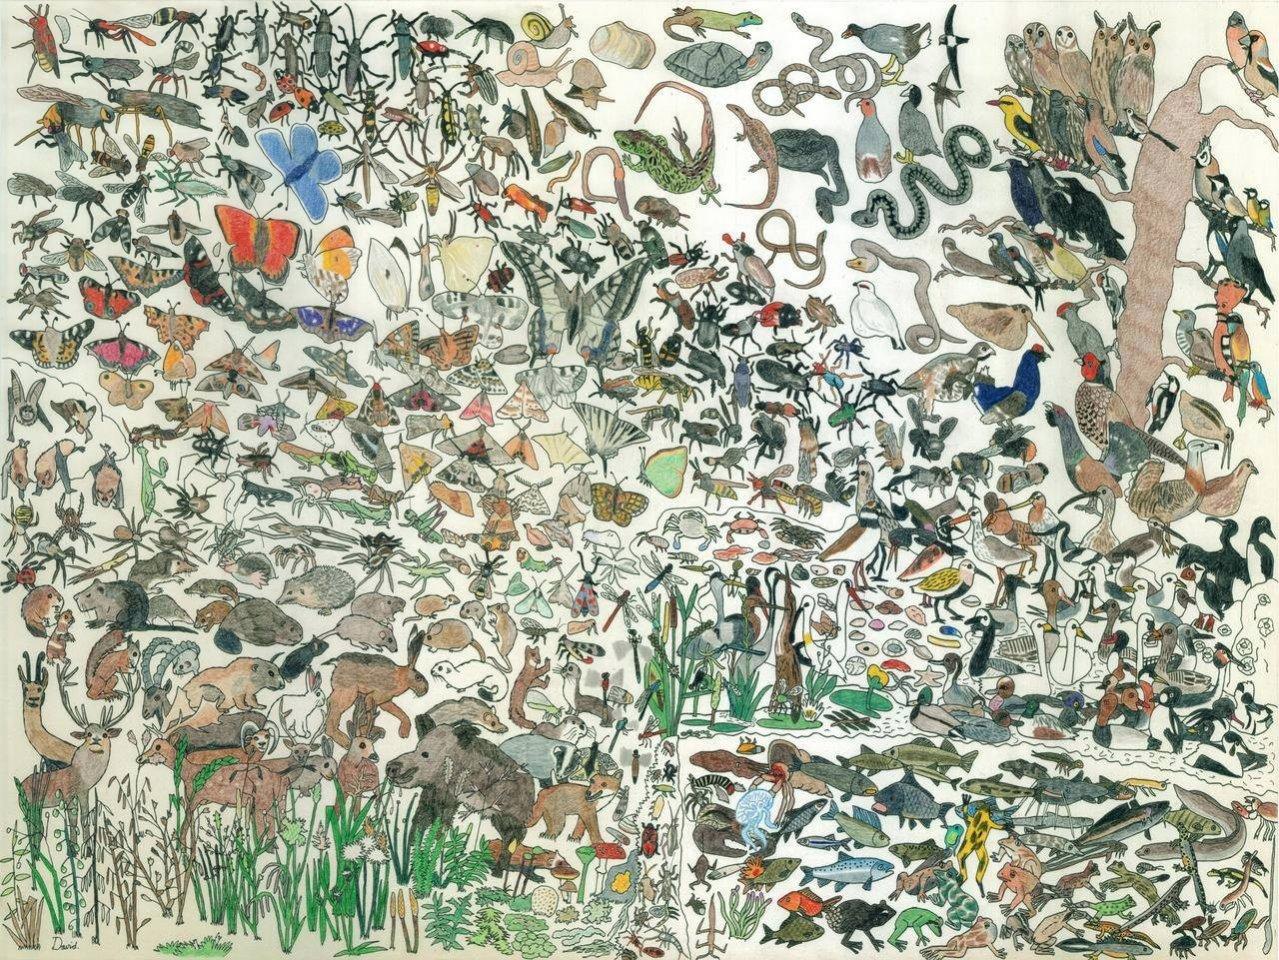 Искусство в себе: рисунки 10-летнего мальчика-аутиста Дэвида Барта